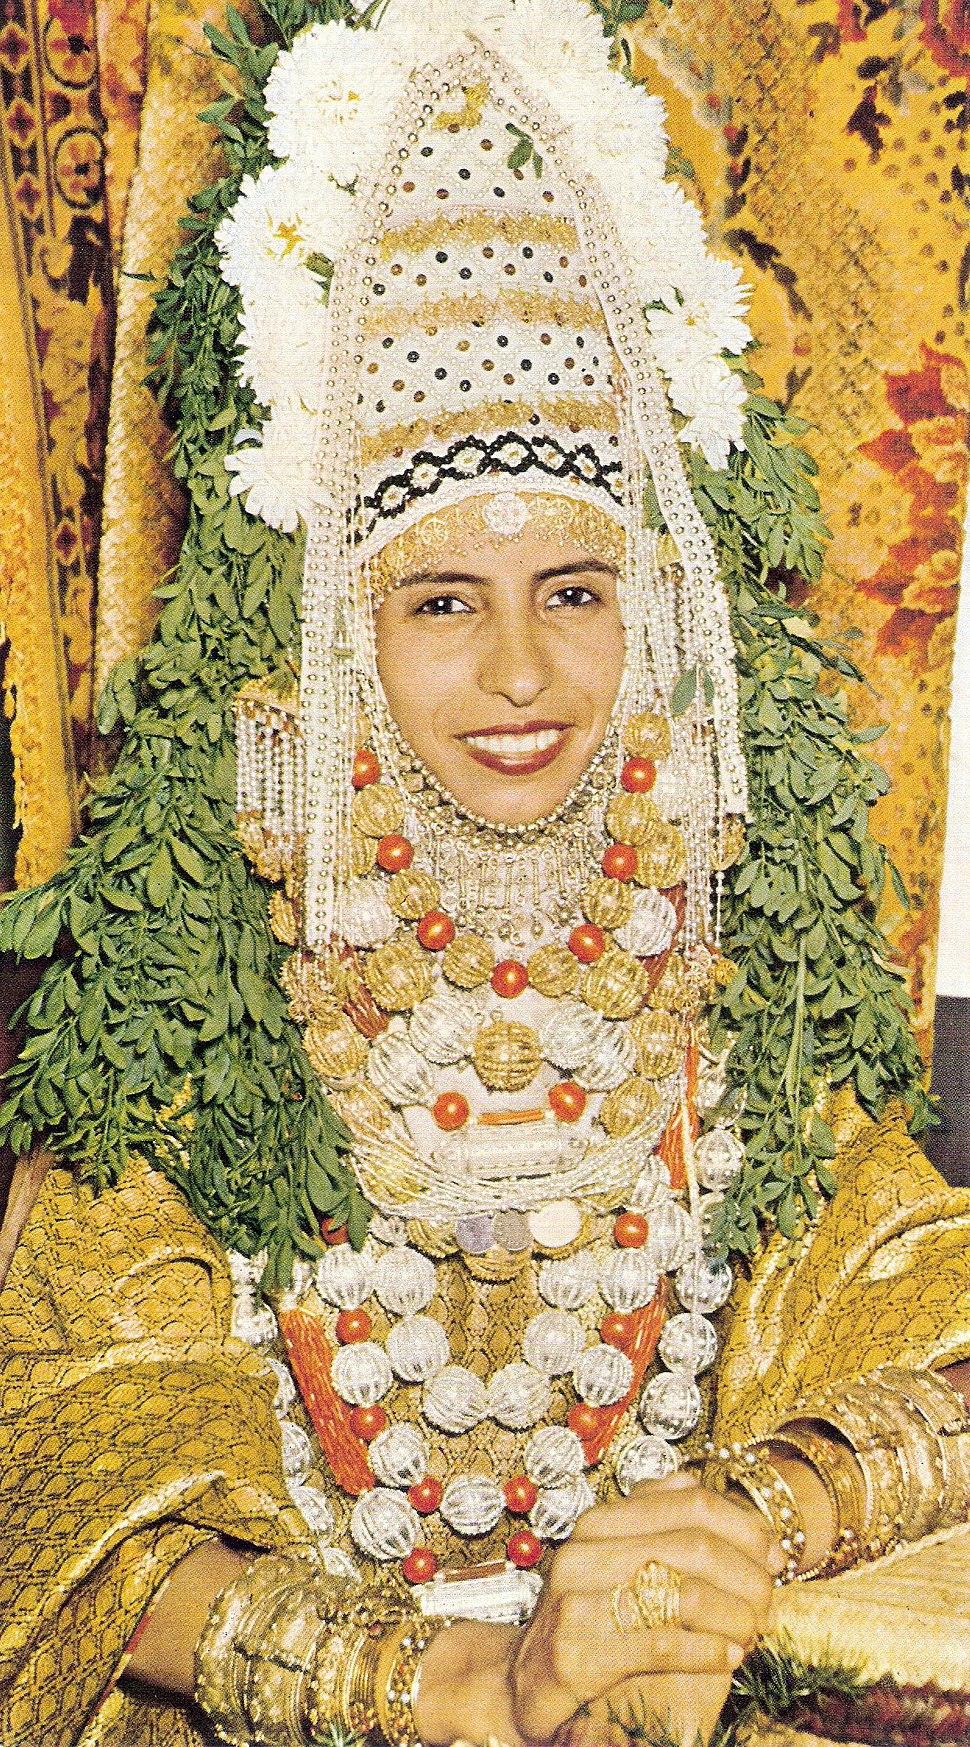 Jewish Yemenite bride